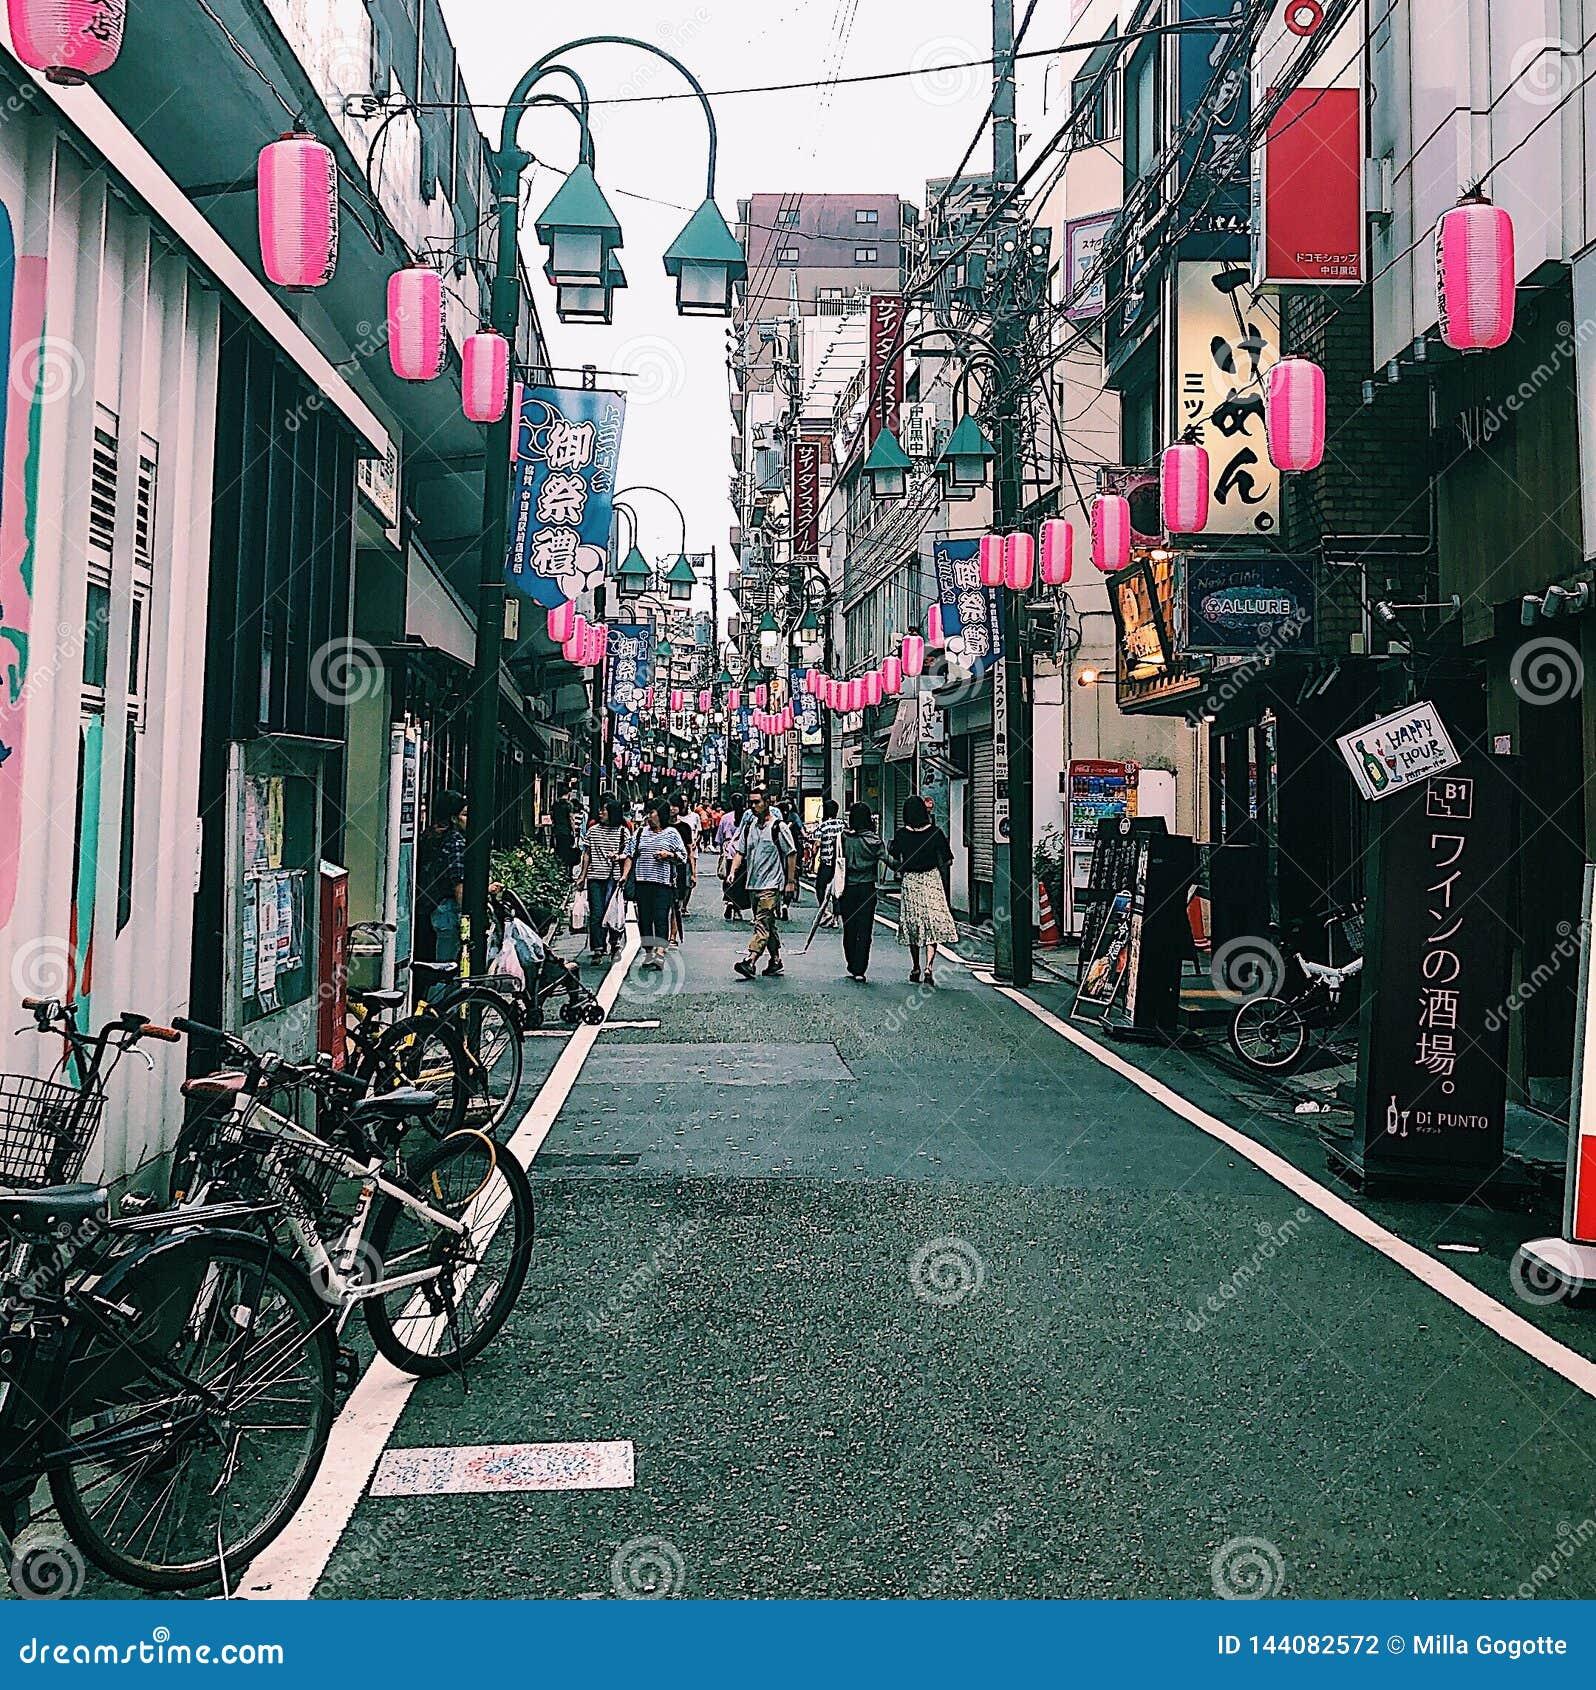 Nakameguro, Tokyo, Japan